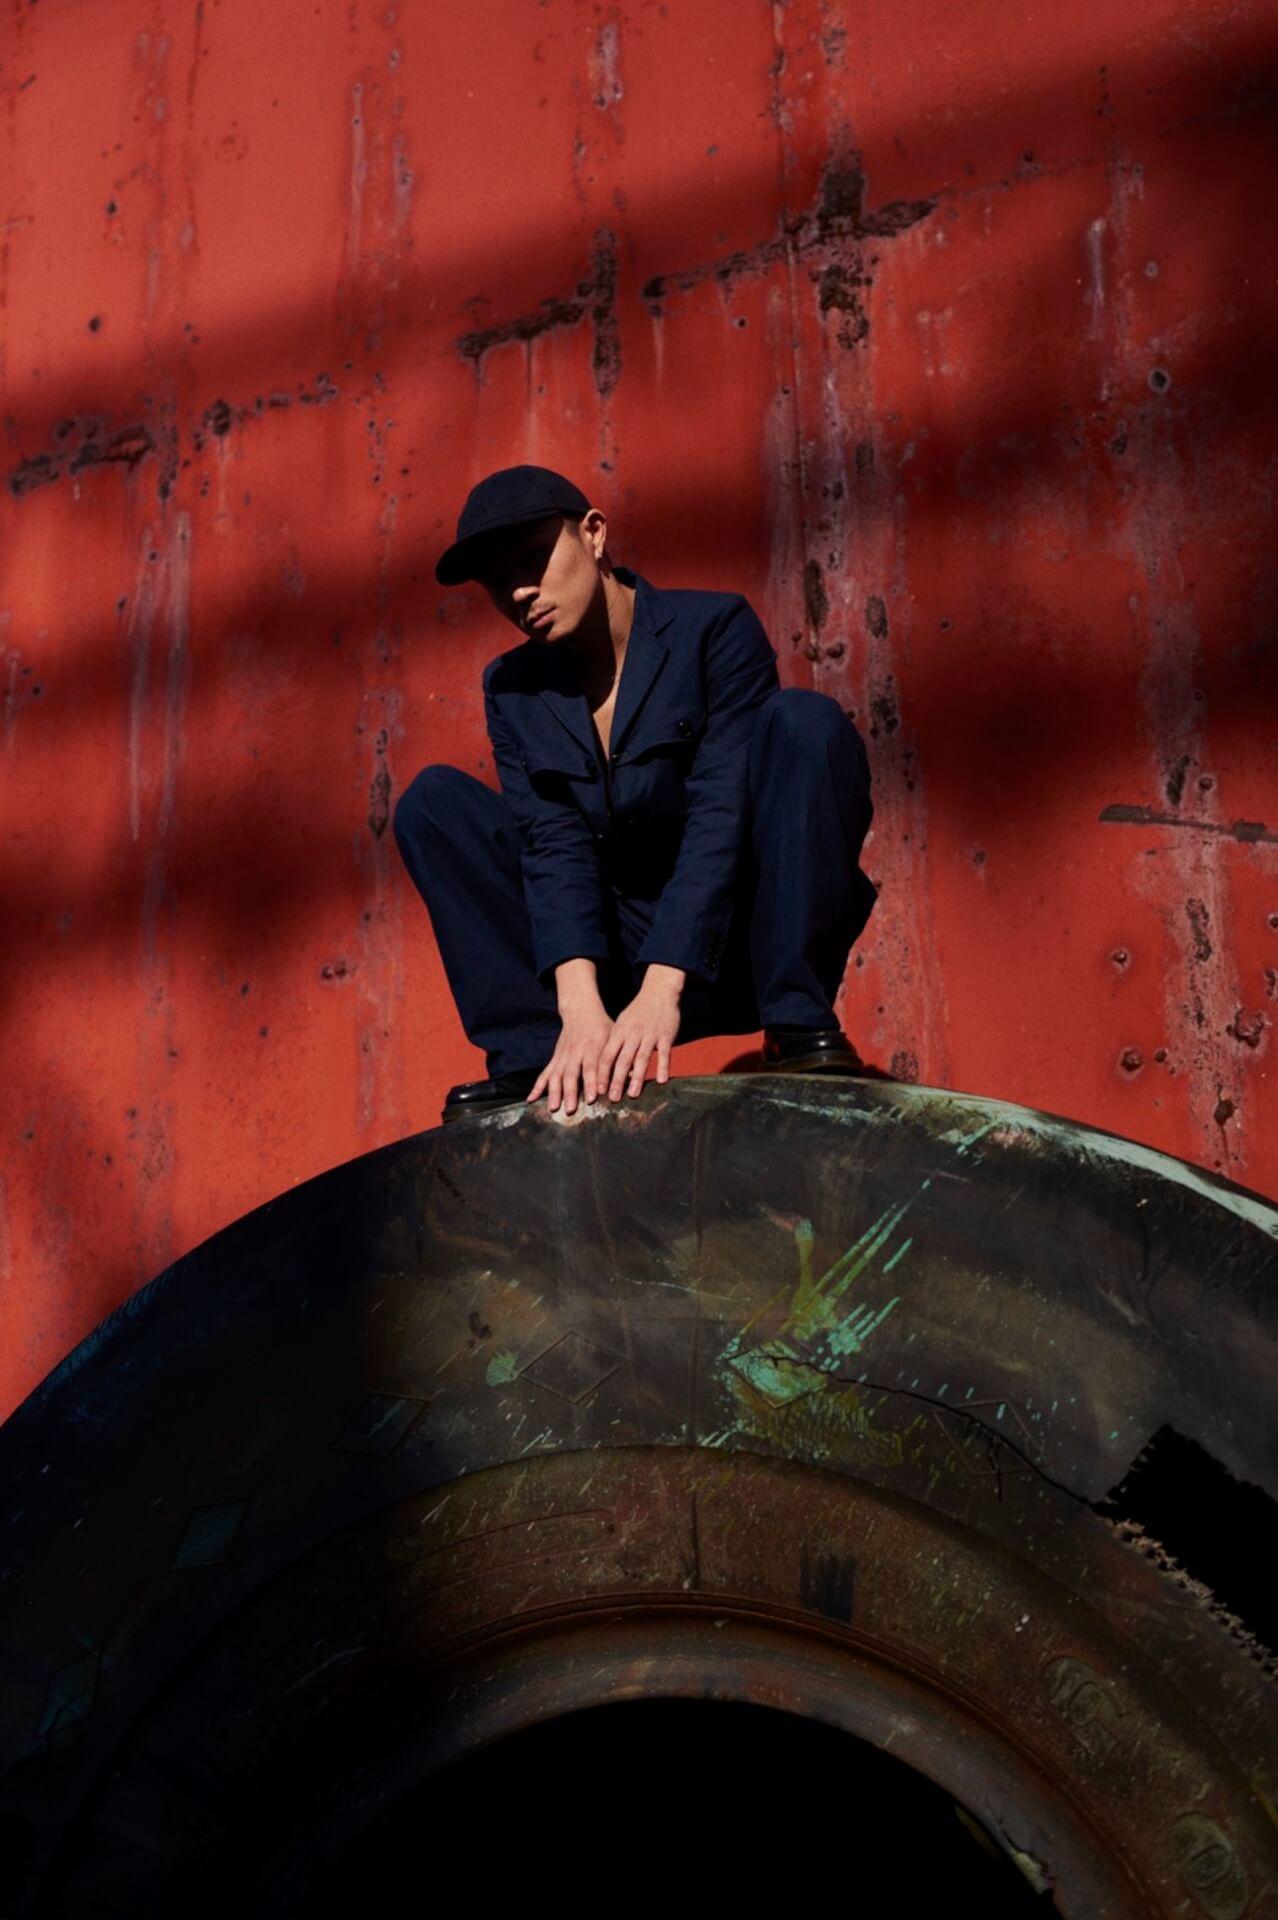 """ビートメイカー・FKDのコンセプトアルバム『Duality』がリリース発表!SSW・ZINを客演に迎えた先行配信曲""""Busy""""をリリース&MV公開 music201228_fkd-04"""